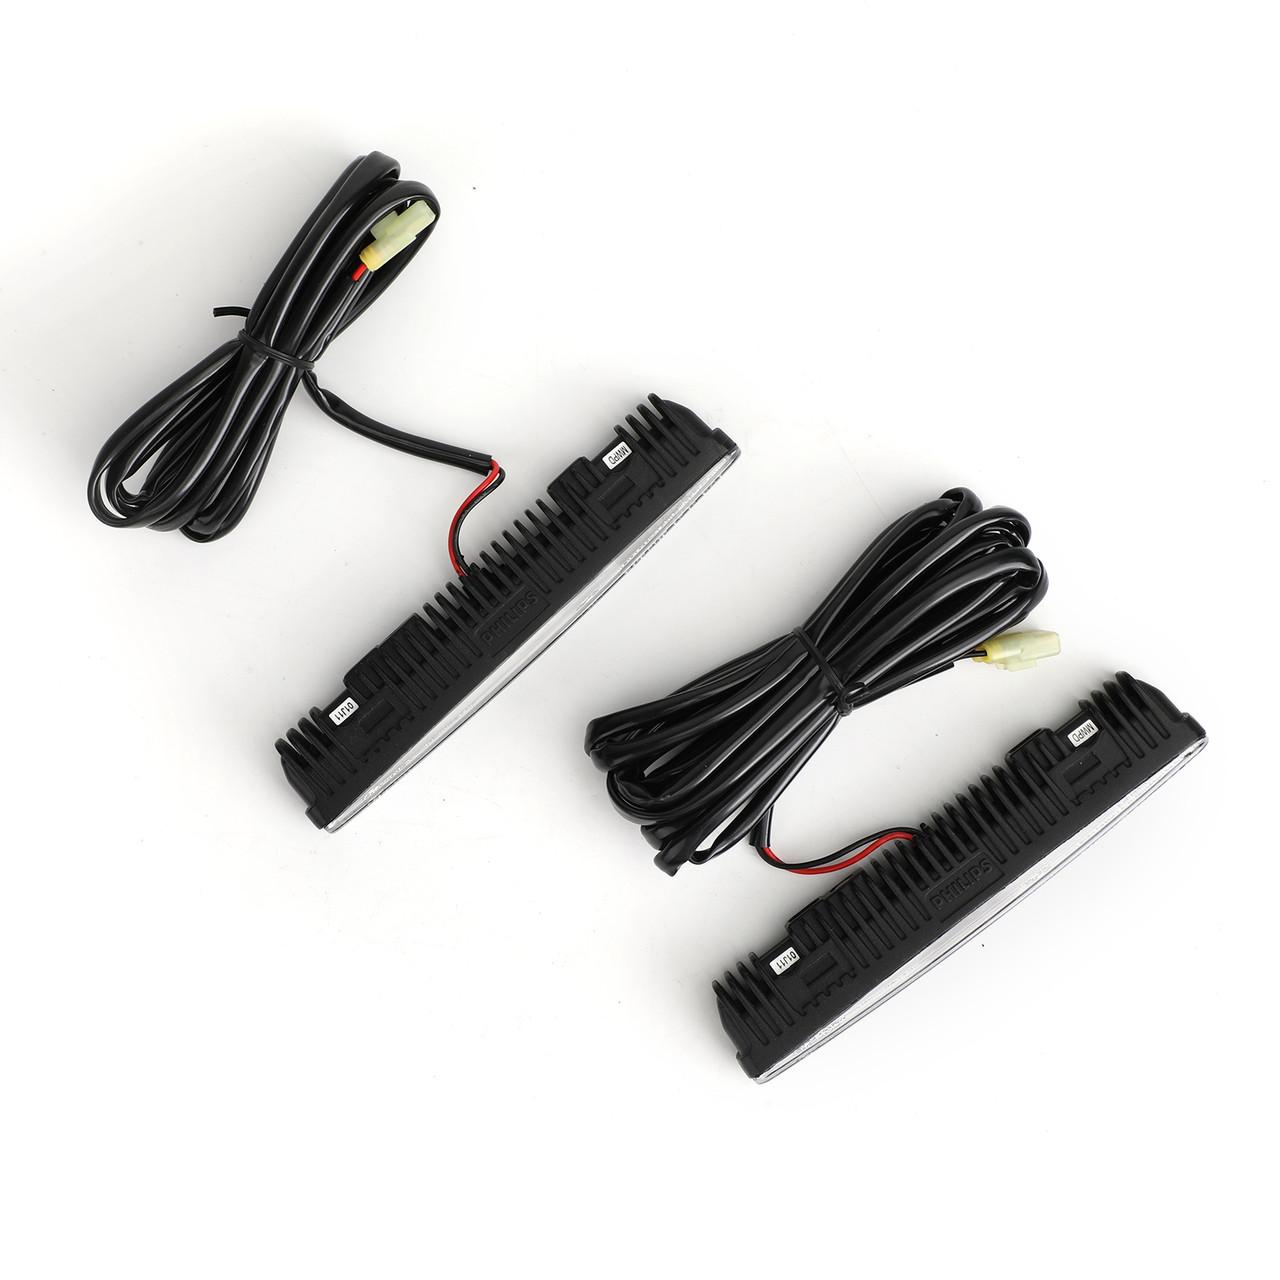 PHILIPS Luxeon LED DayLight 8 Daytime Running Light DRL Light lamp 12824 12V